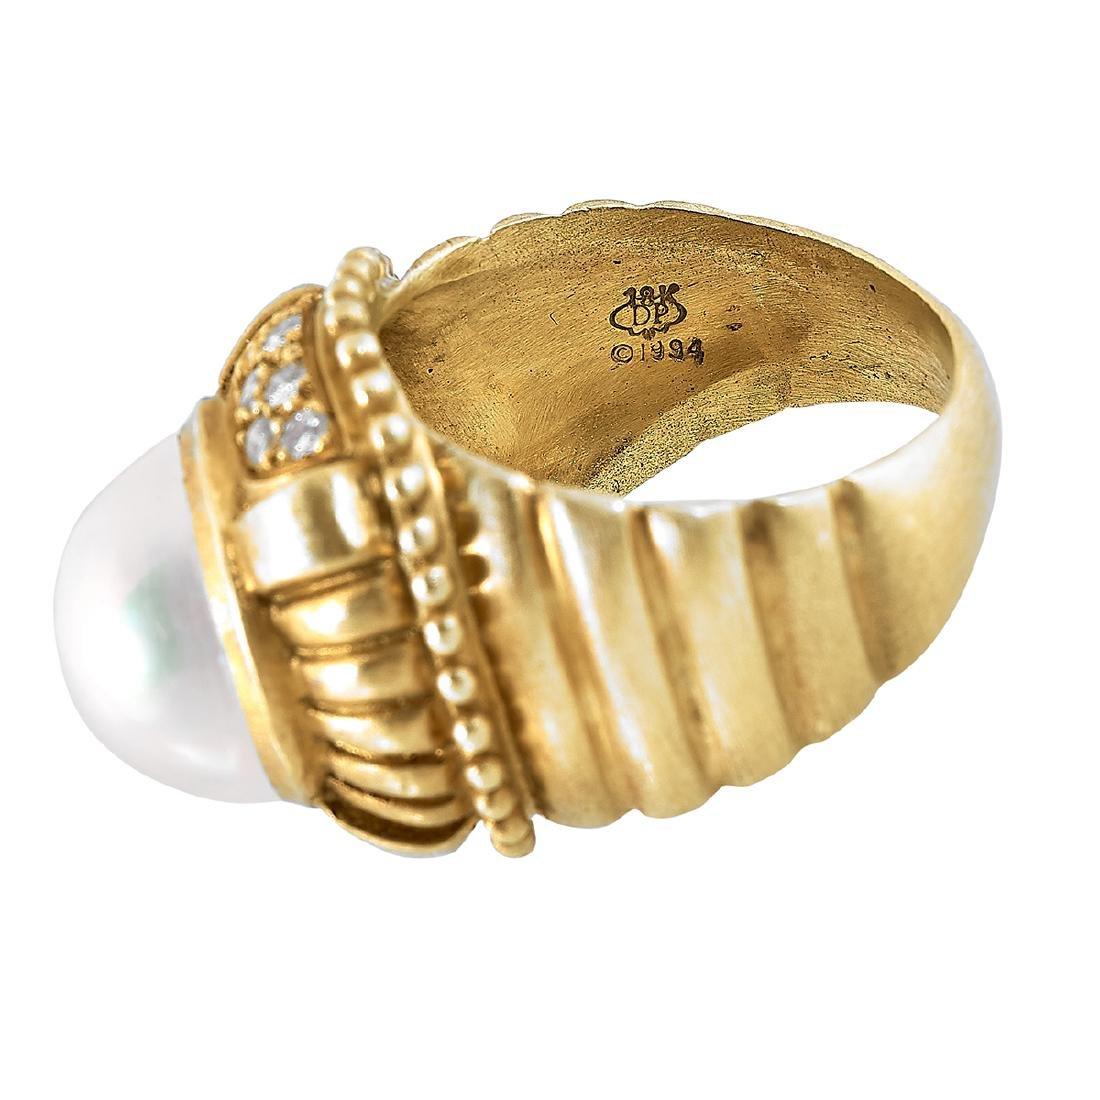 Doris Panos, 18K Yellow Gold Ladies Ring, Size 7 - 3